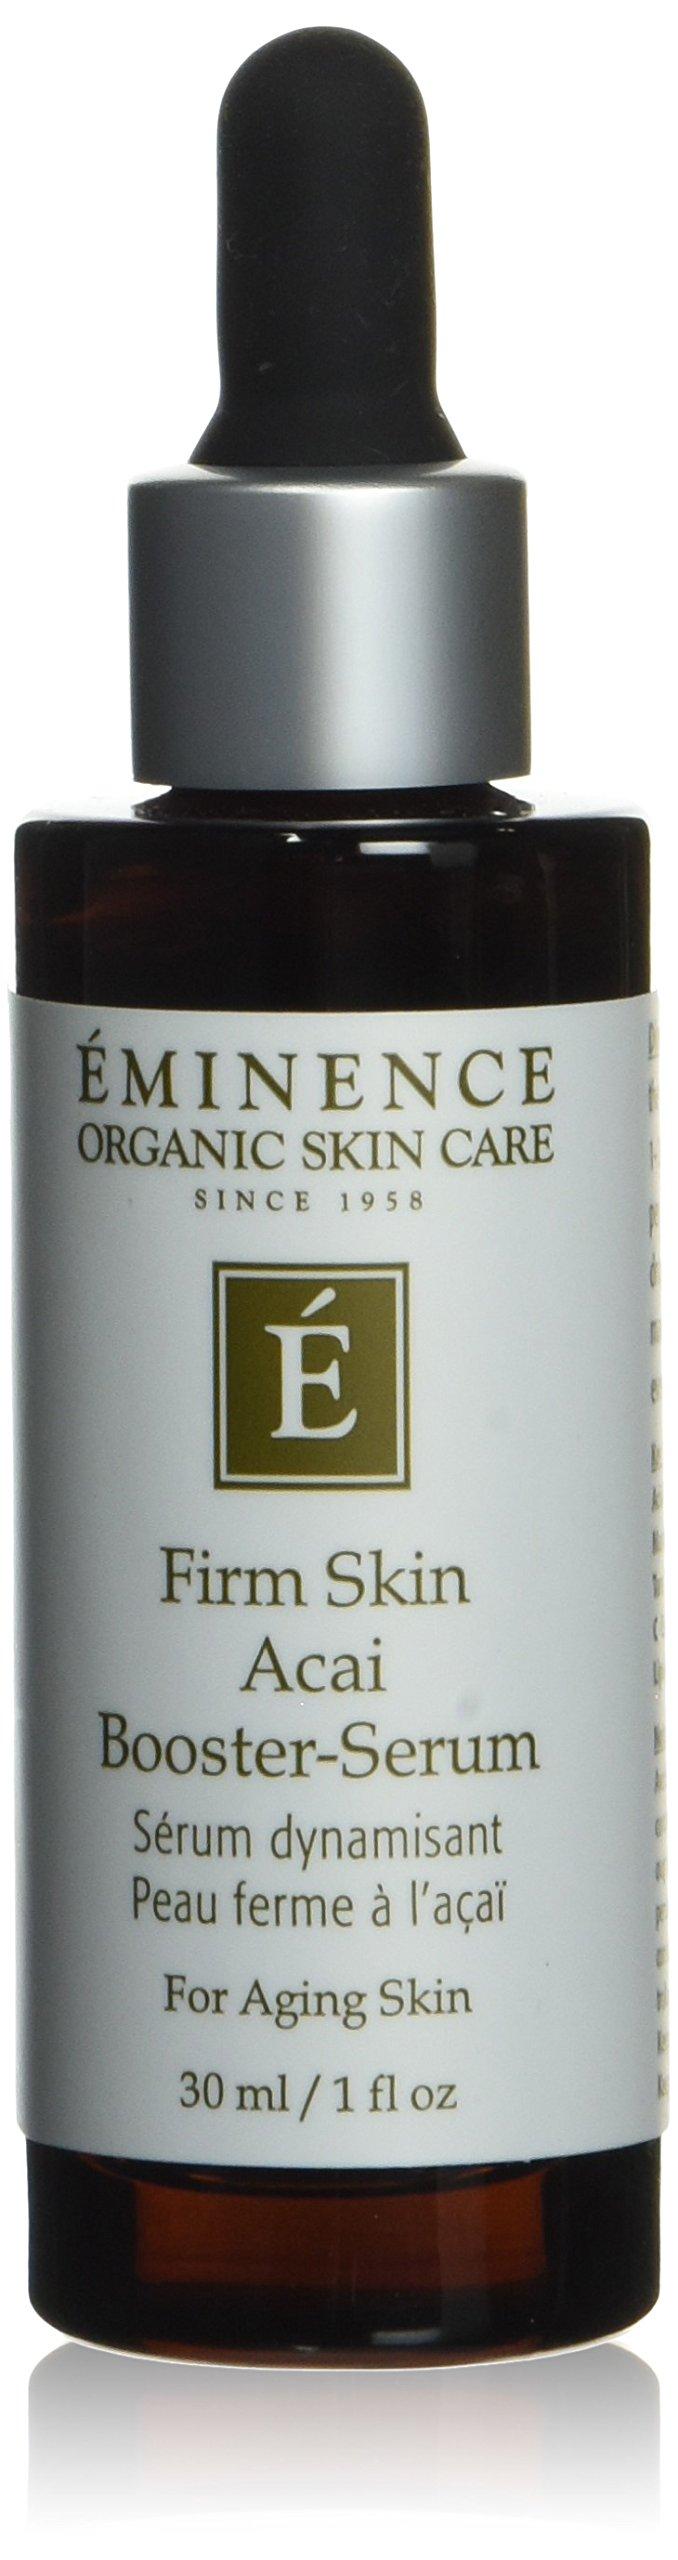 Eminence Firm Skin Acai Booster-Serum, 1 Ounce